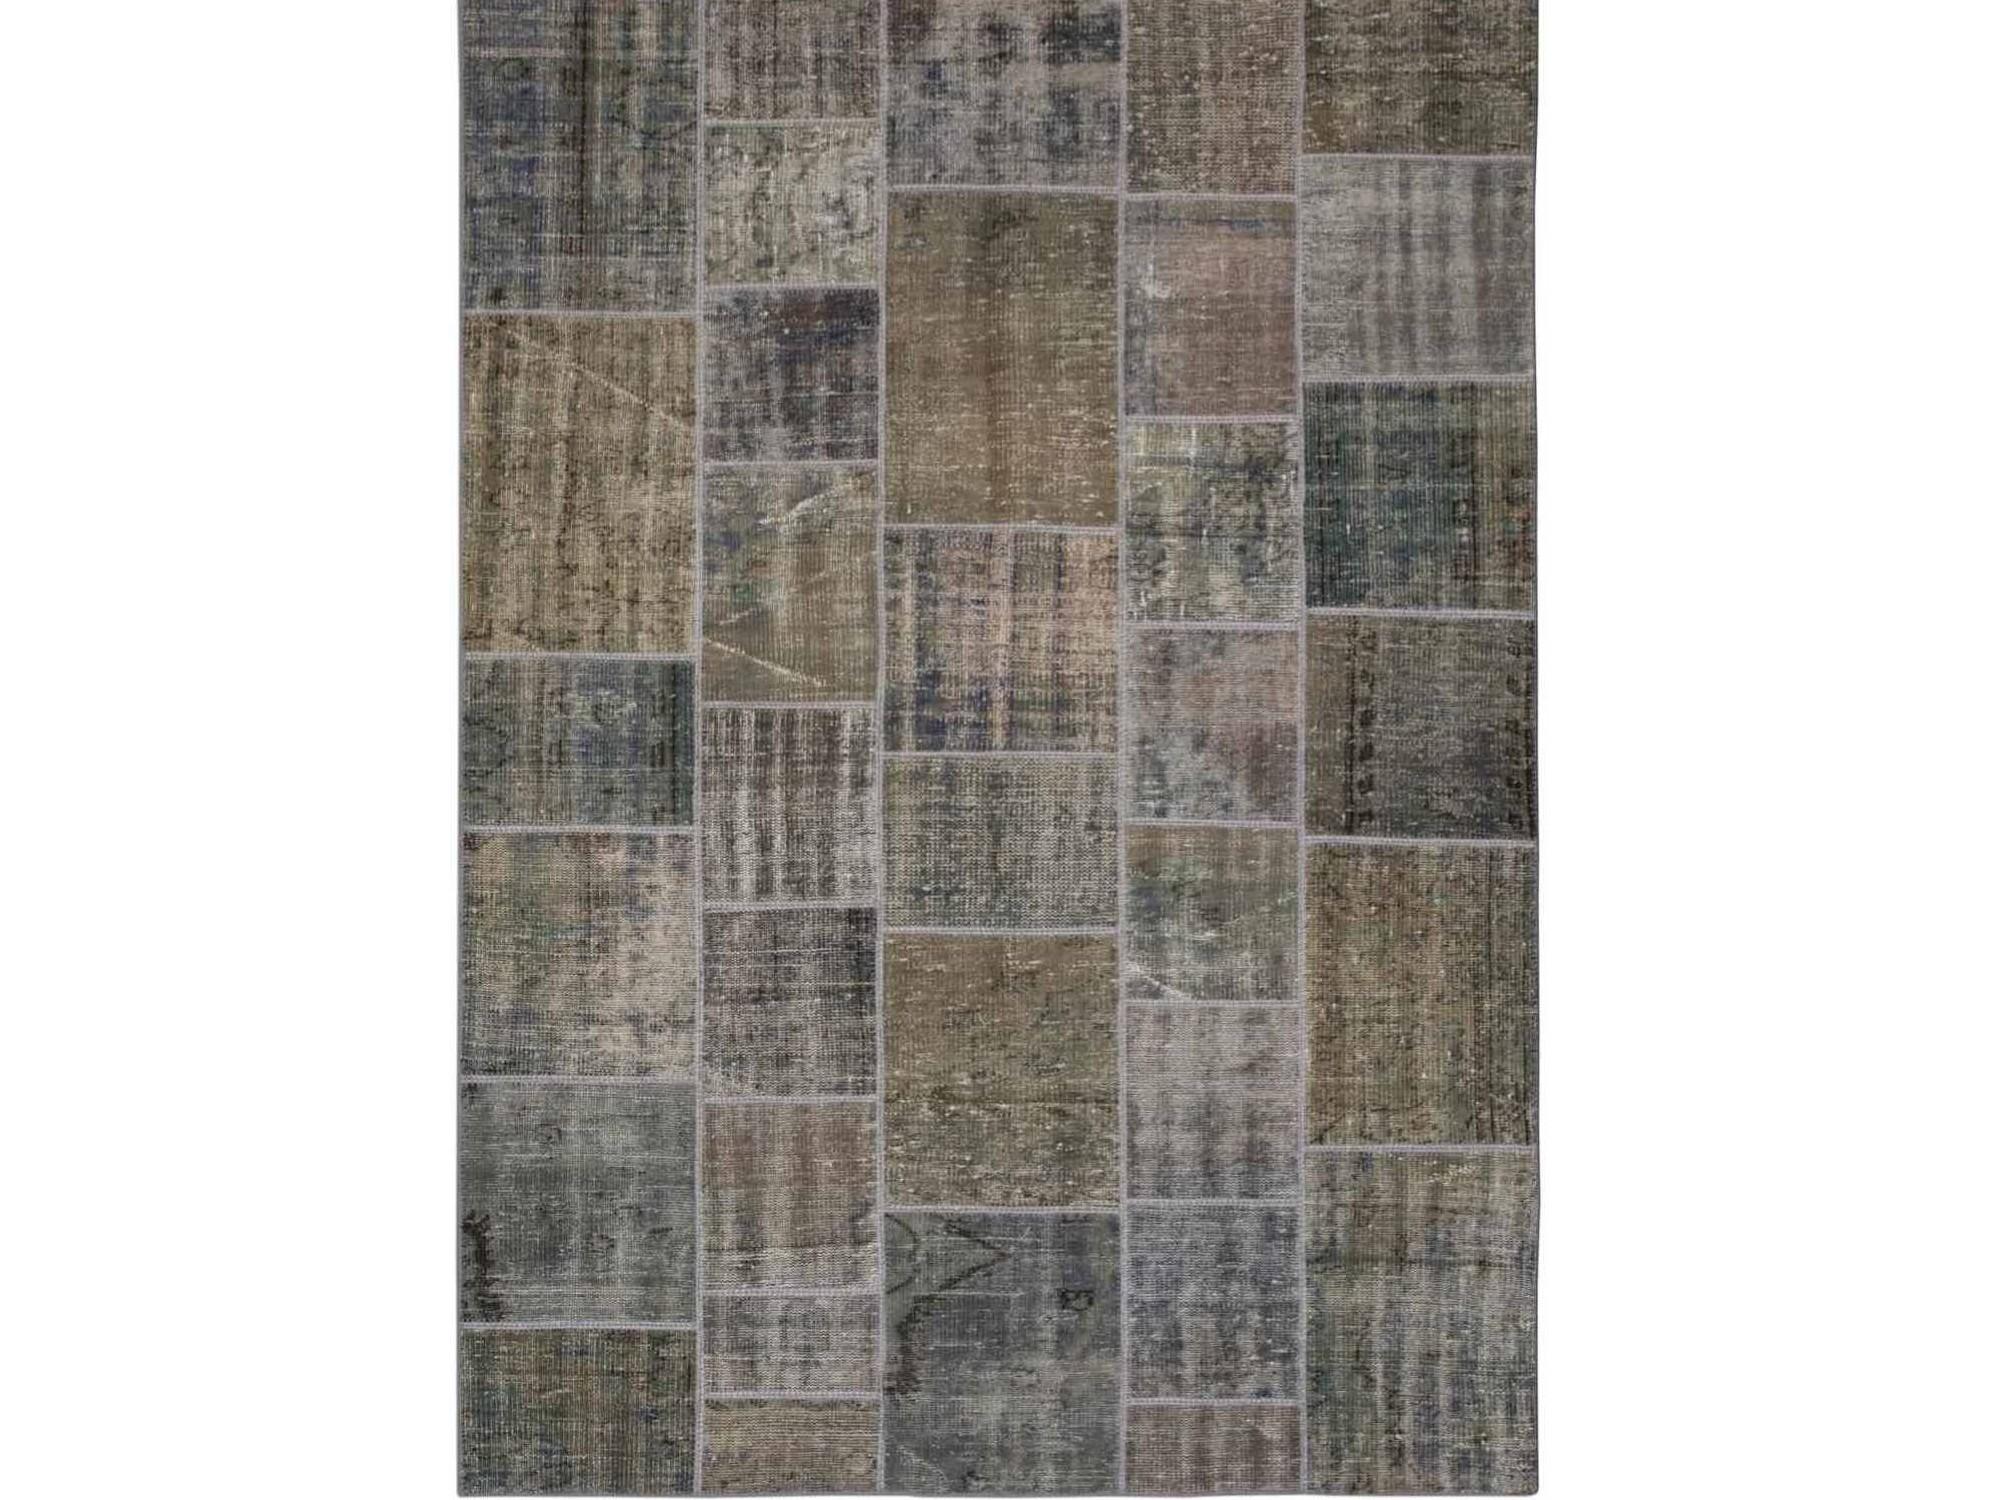 Ковер PatchworkПрямоугольные ковры<br>Винтажный ковер ручной работы в стиле &amp;quot;пэчворк&amp;quot; <br>из 100% шерсти. Ковер прекрасно подходит в <br>любые современные и классические интерьеры, <br>а благодаря толщине ковра всего 5 мм. и отсутствию <br>ворса, его легко чистить любыми видами пылесосов. <br>Этот настоящий ковер ручной работы не потеряет <br>своих красок и будет служить десятилетия.<br><br>Material: Шерсть<br>Ширина см: 172<br>Глубина см: 240